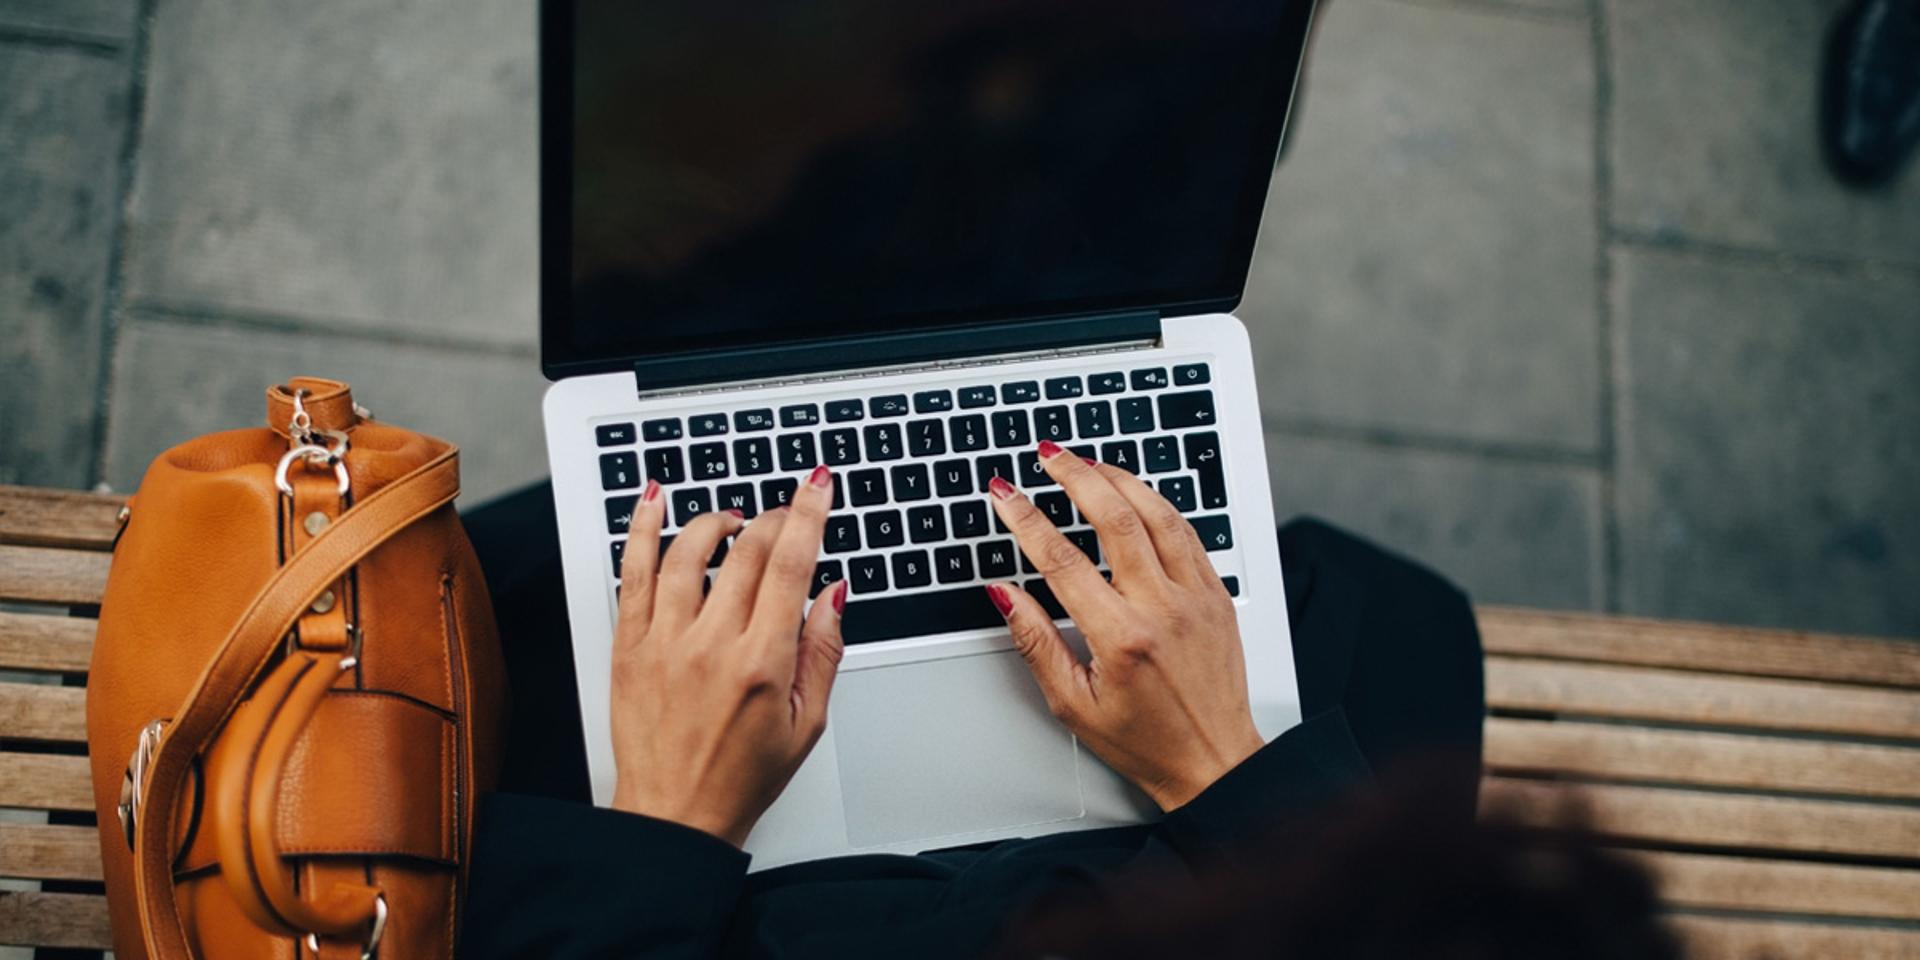 Personalvermittlung & Zeitarbeit von Programmierern und IT-Fachkräften